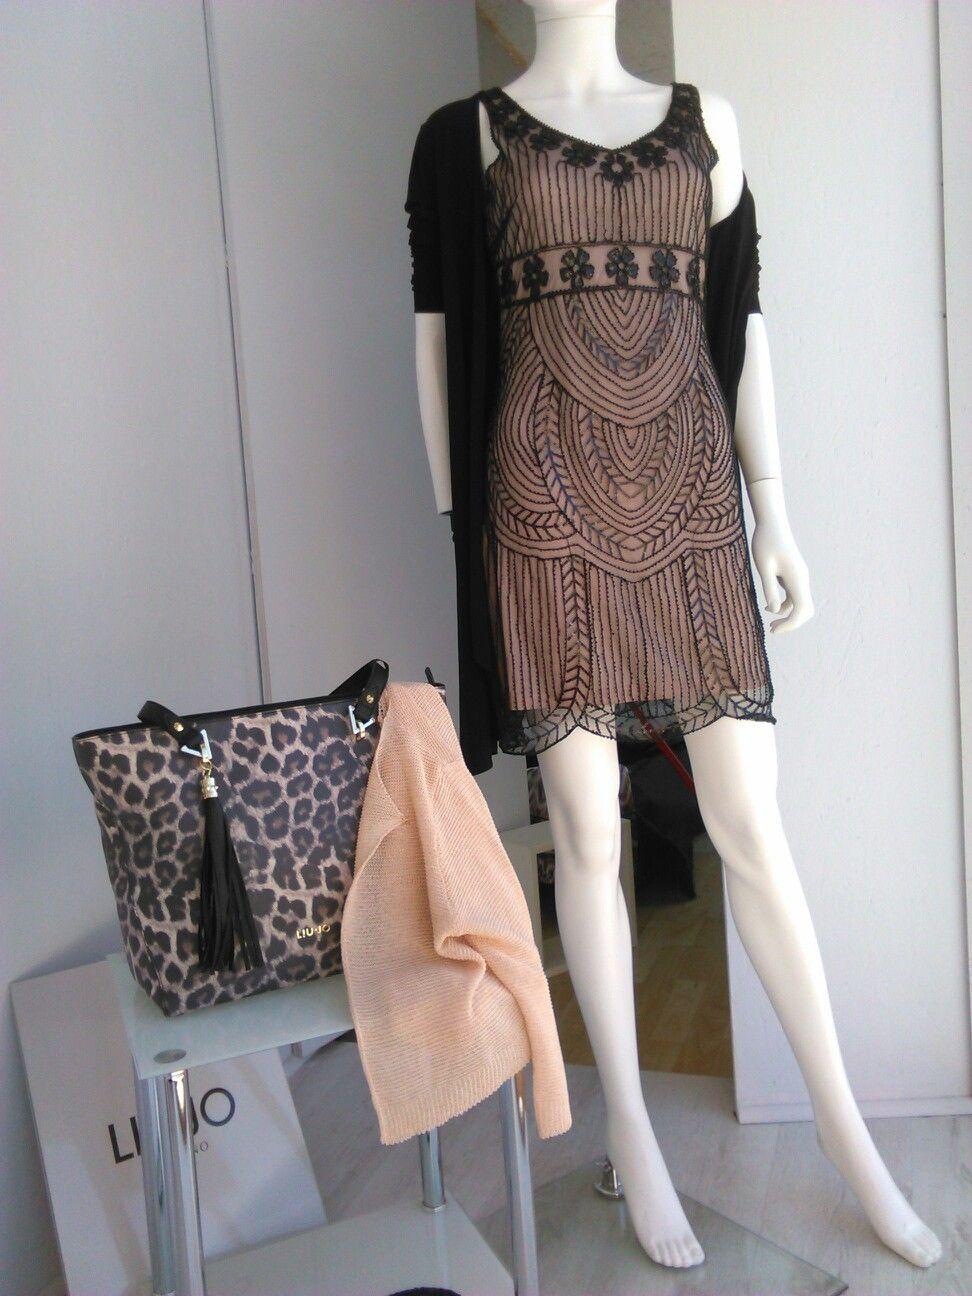 Magazzinitex con borsa liu-jo abito Molly B. Cardigan Kicca,,a Trinità Valledoria e Castelsardo